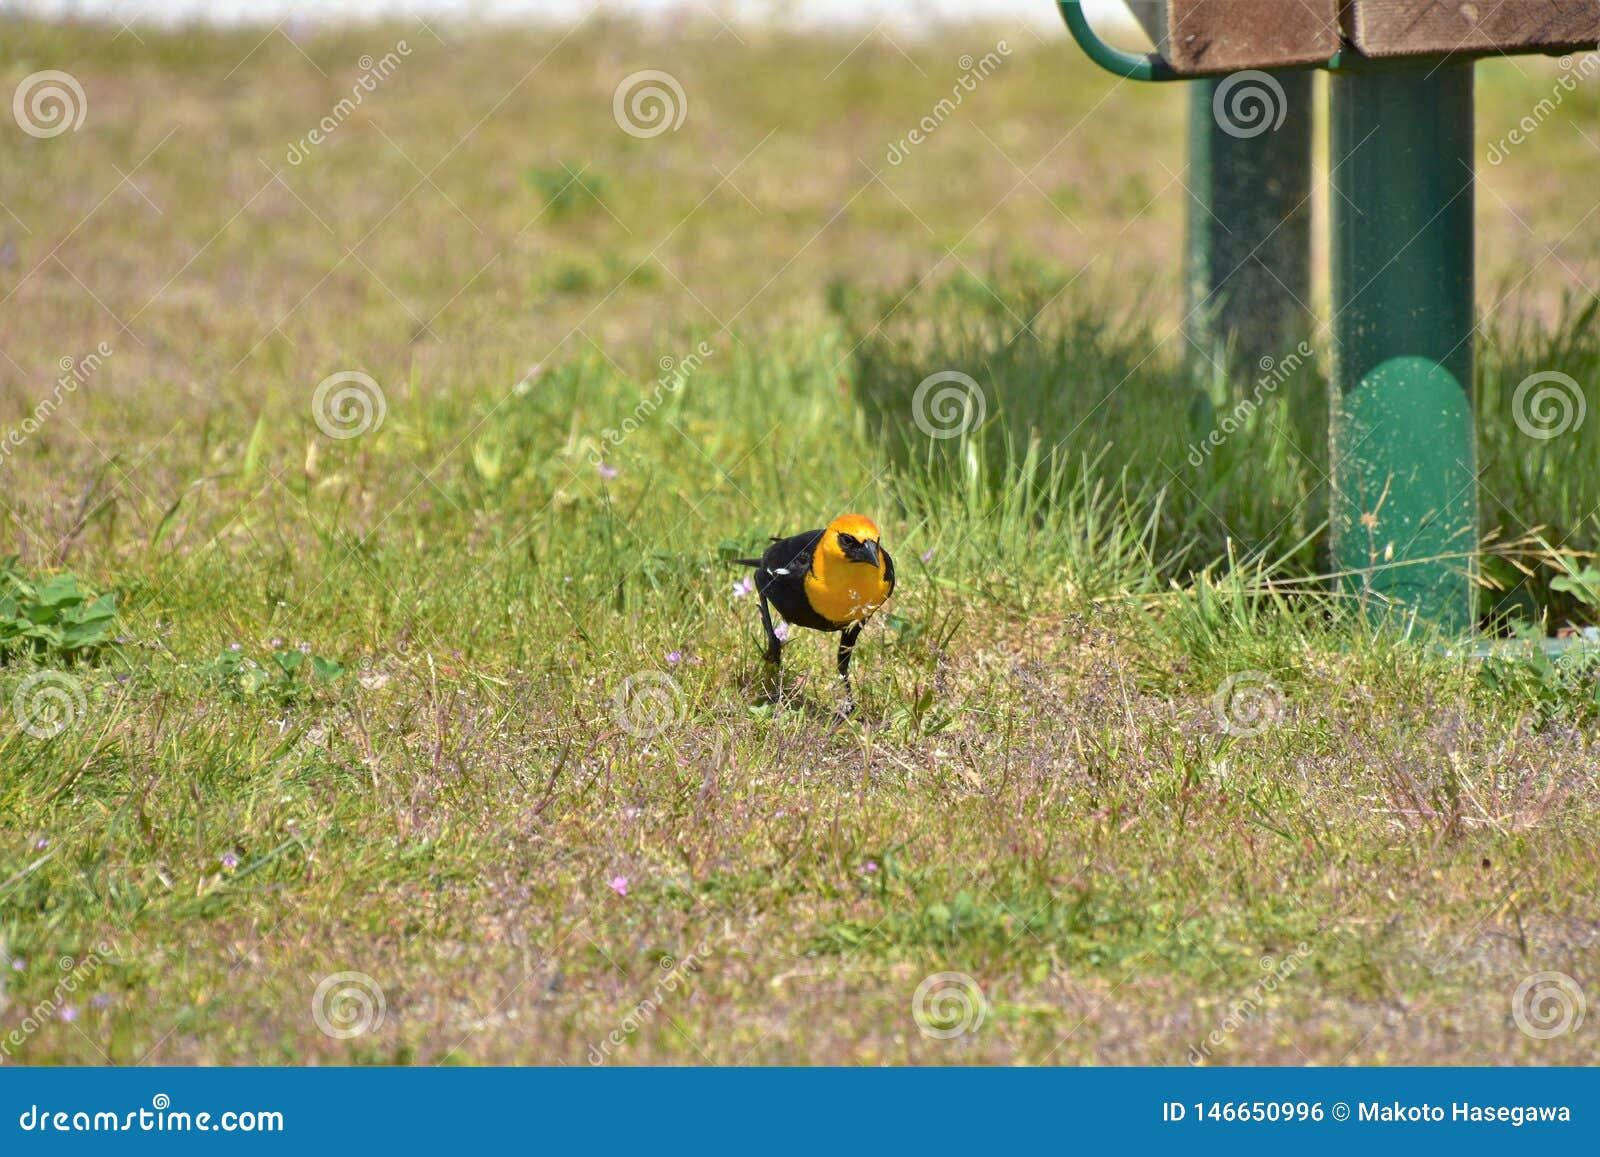 Ο κίτρινος-διευθυνμένος κότσυφας σκαρφαλώνει στο έδαφος